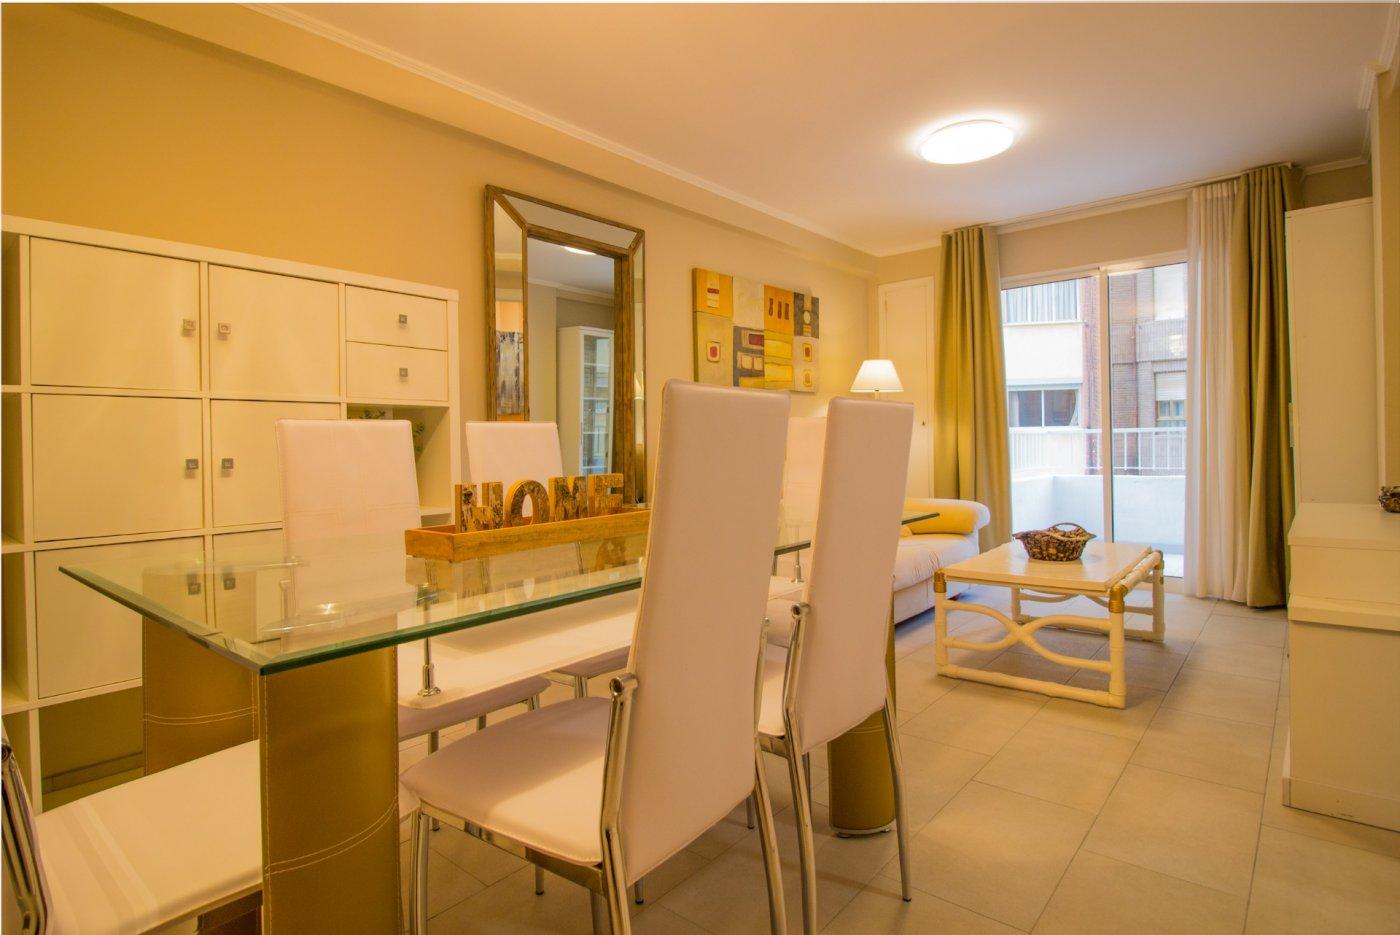 Precioso piso con decoración exclusiva en ronda mijares, castellón - imagenInmueble1